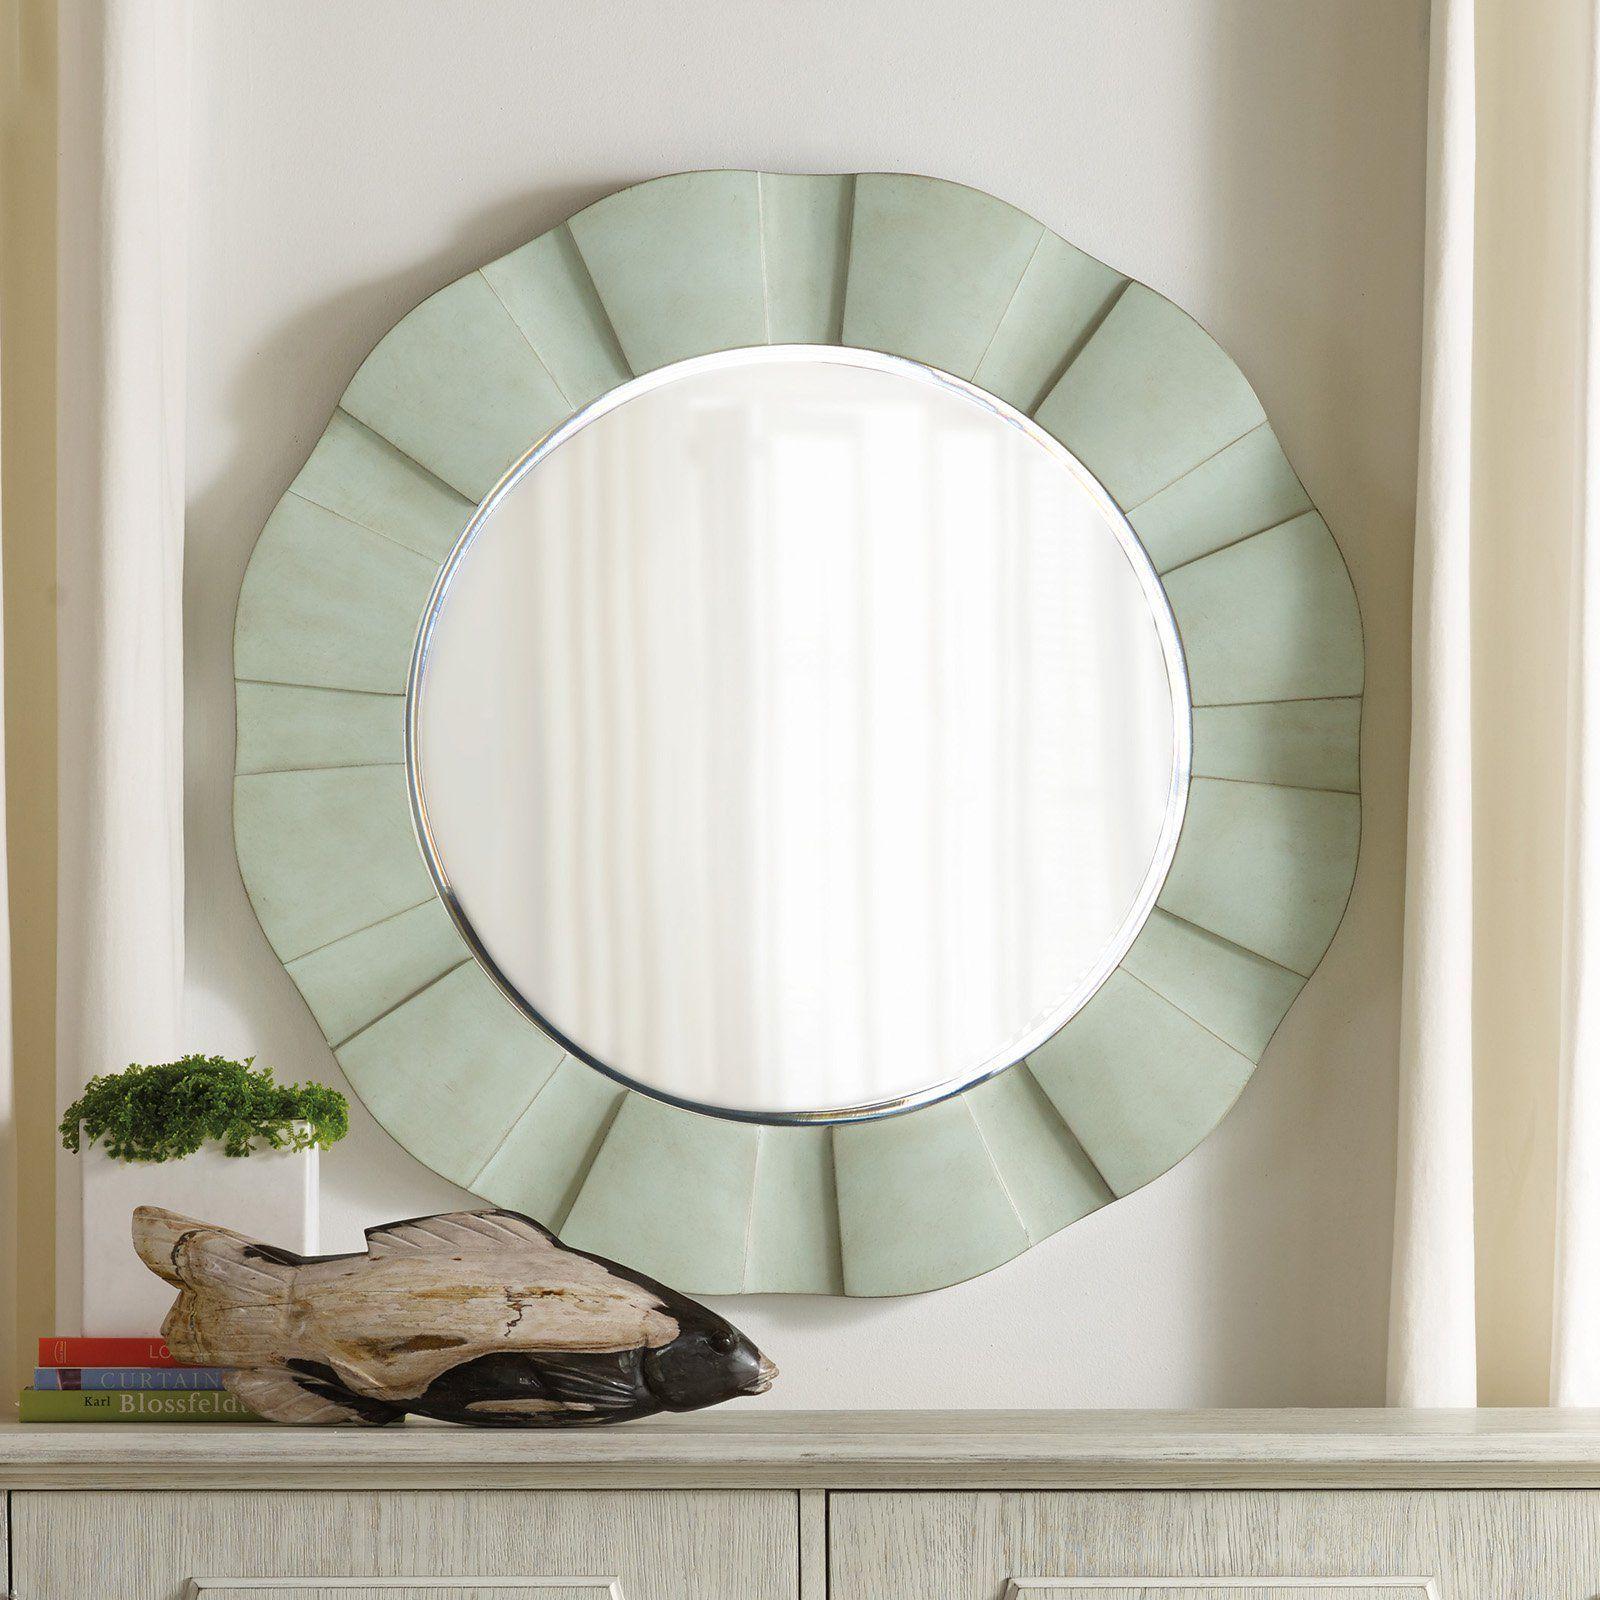 Hooker Furniture Sunset Point Round Wave Mirror - 5326-50003